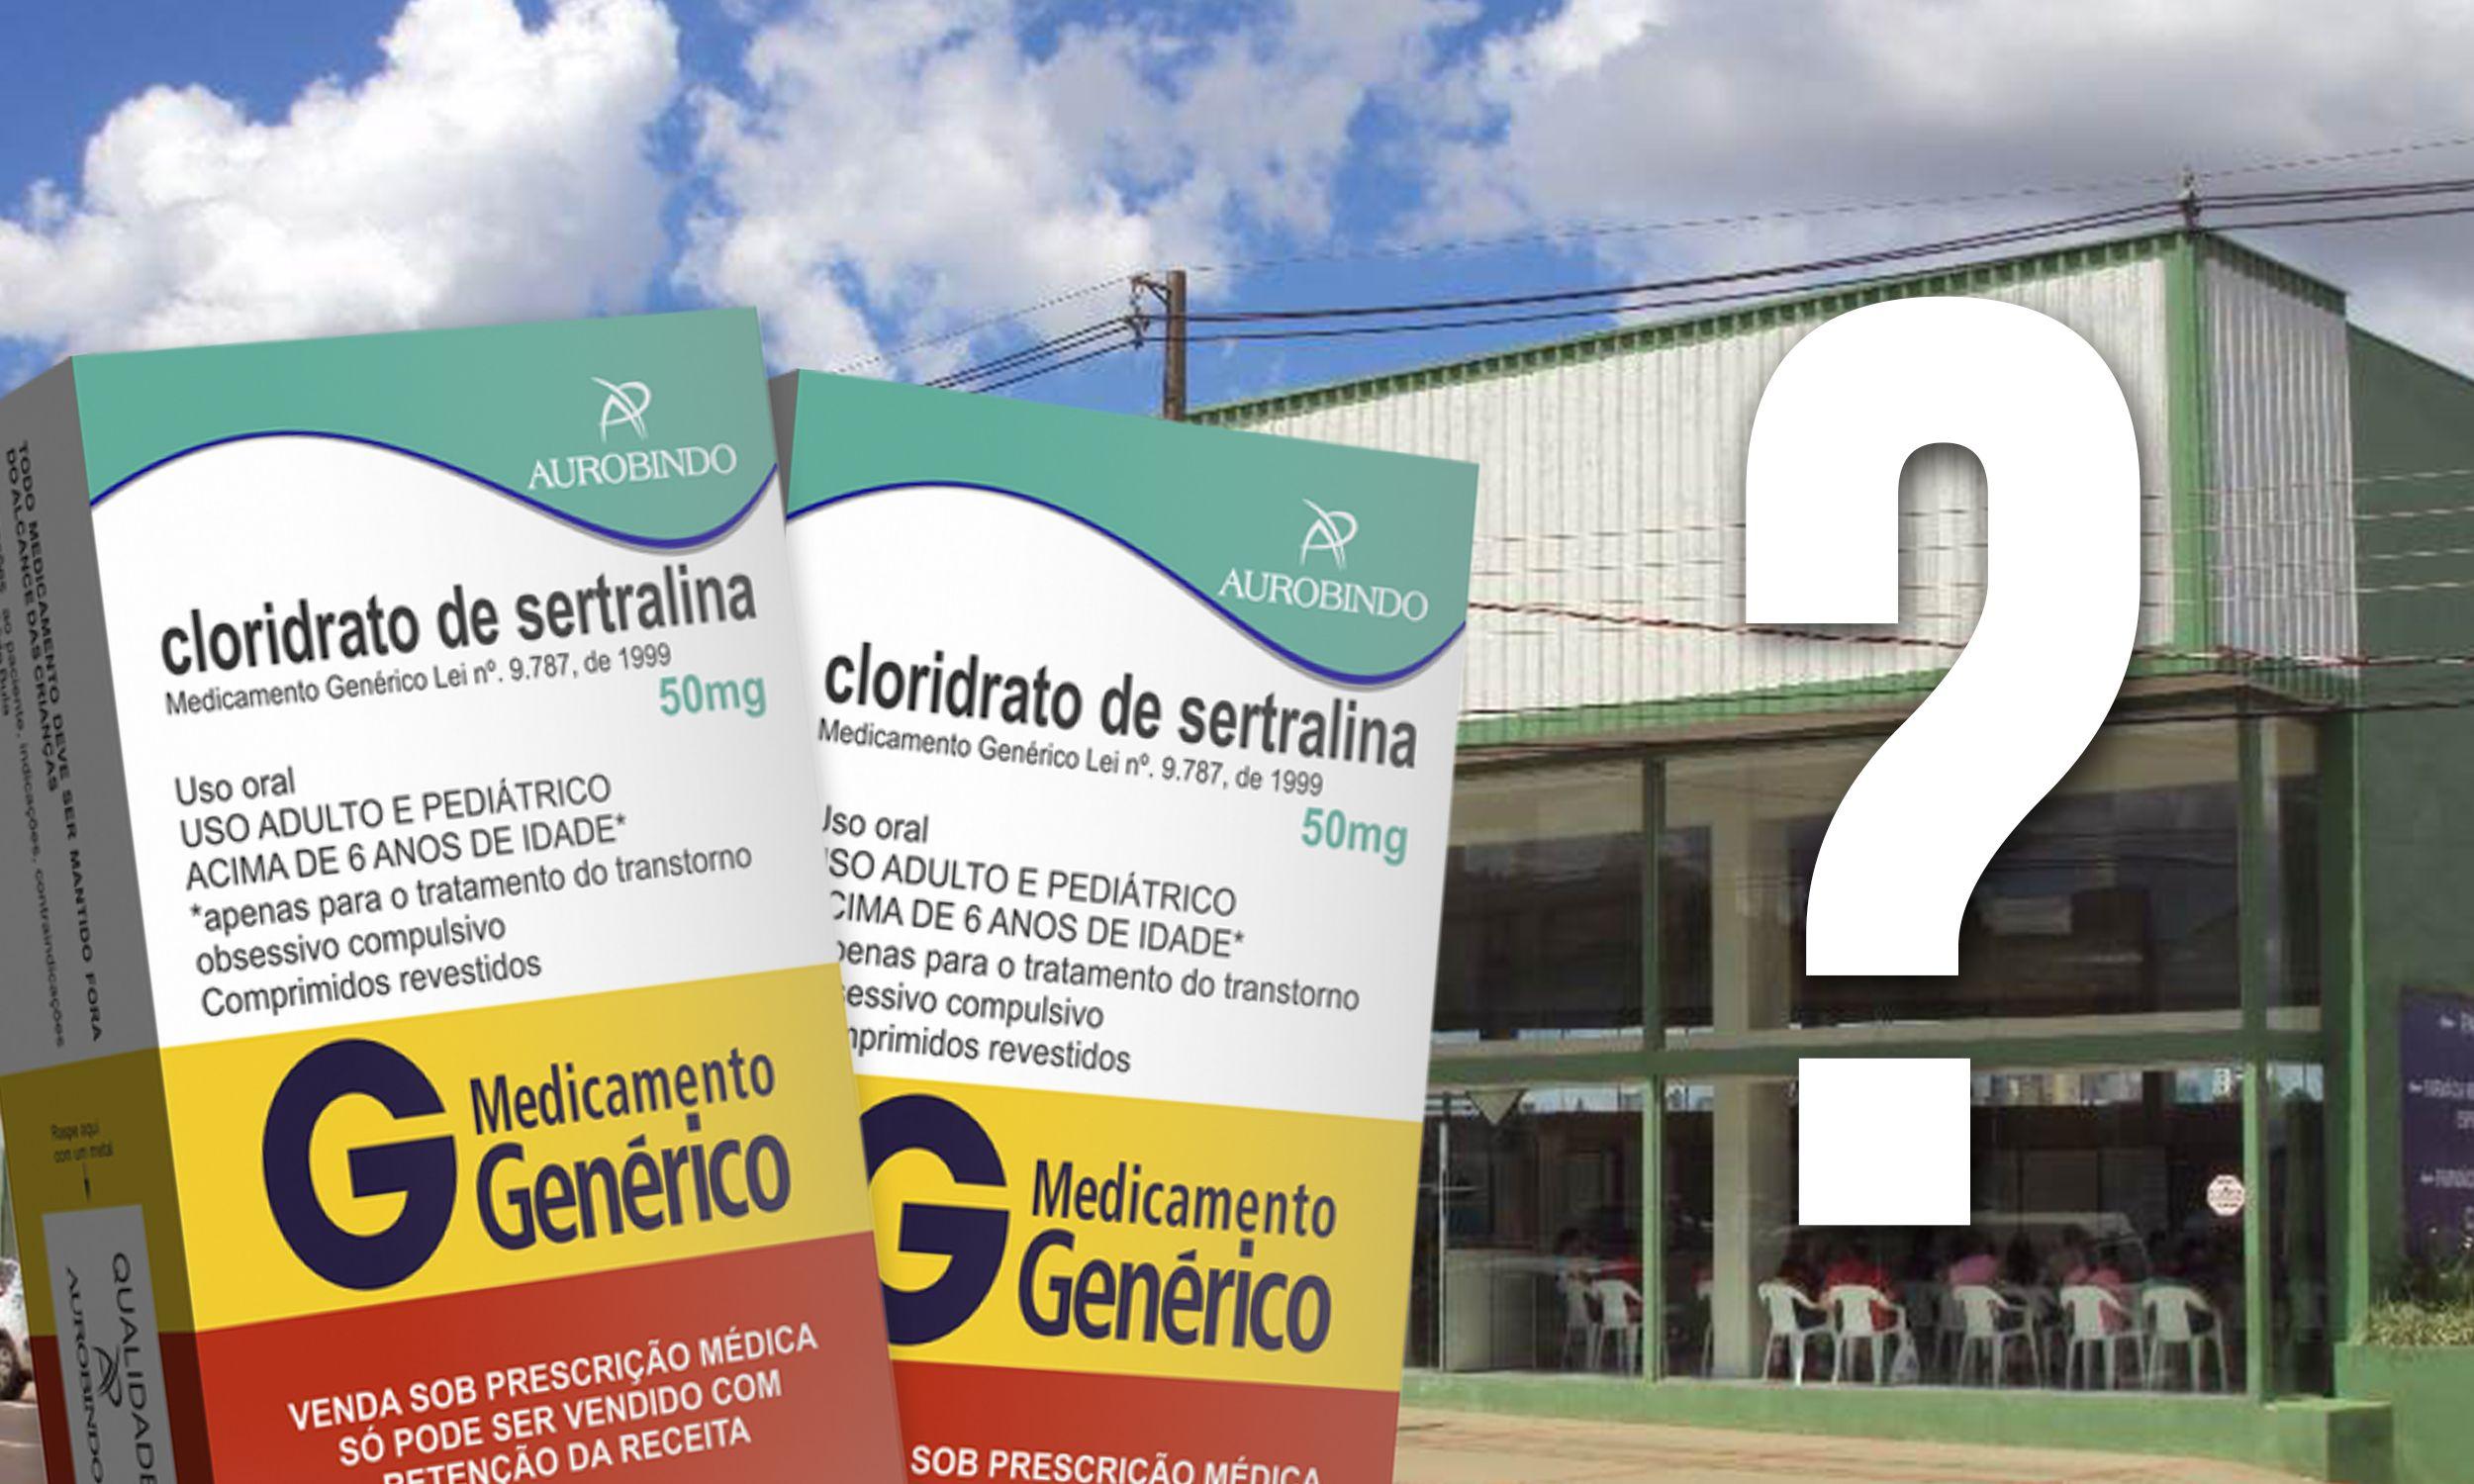 Restabelecido o estoque de SERTRALINA em Cascavel